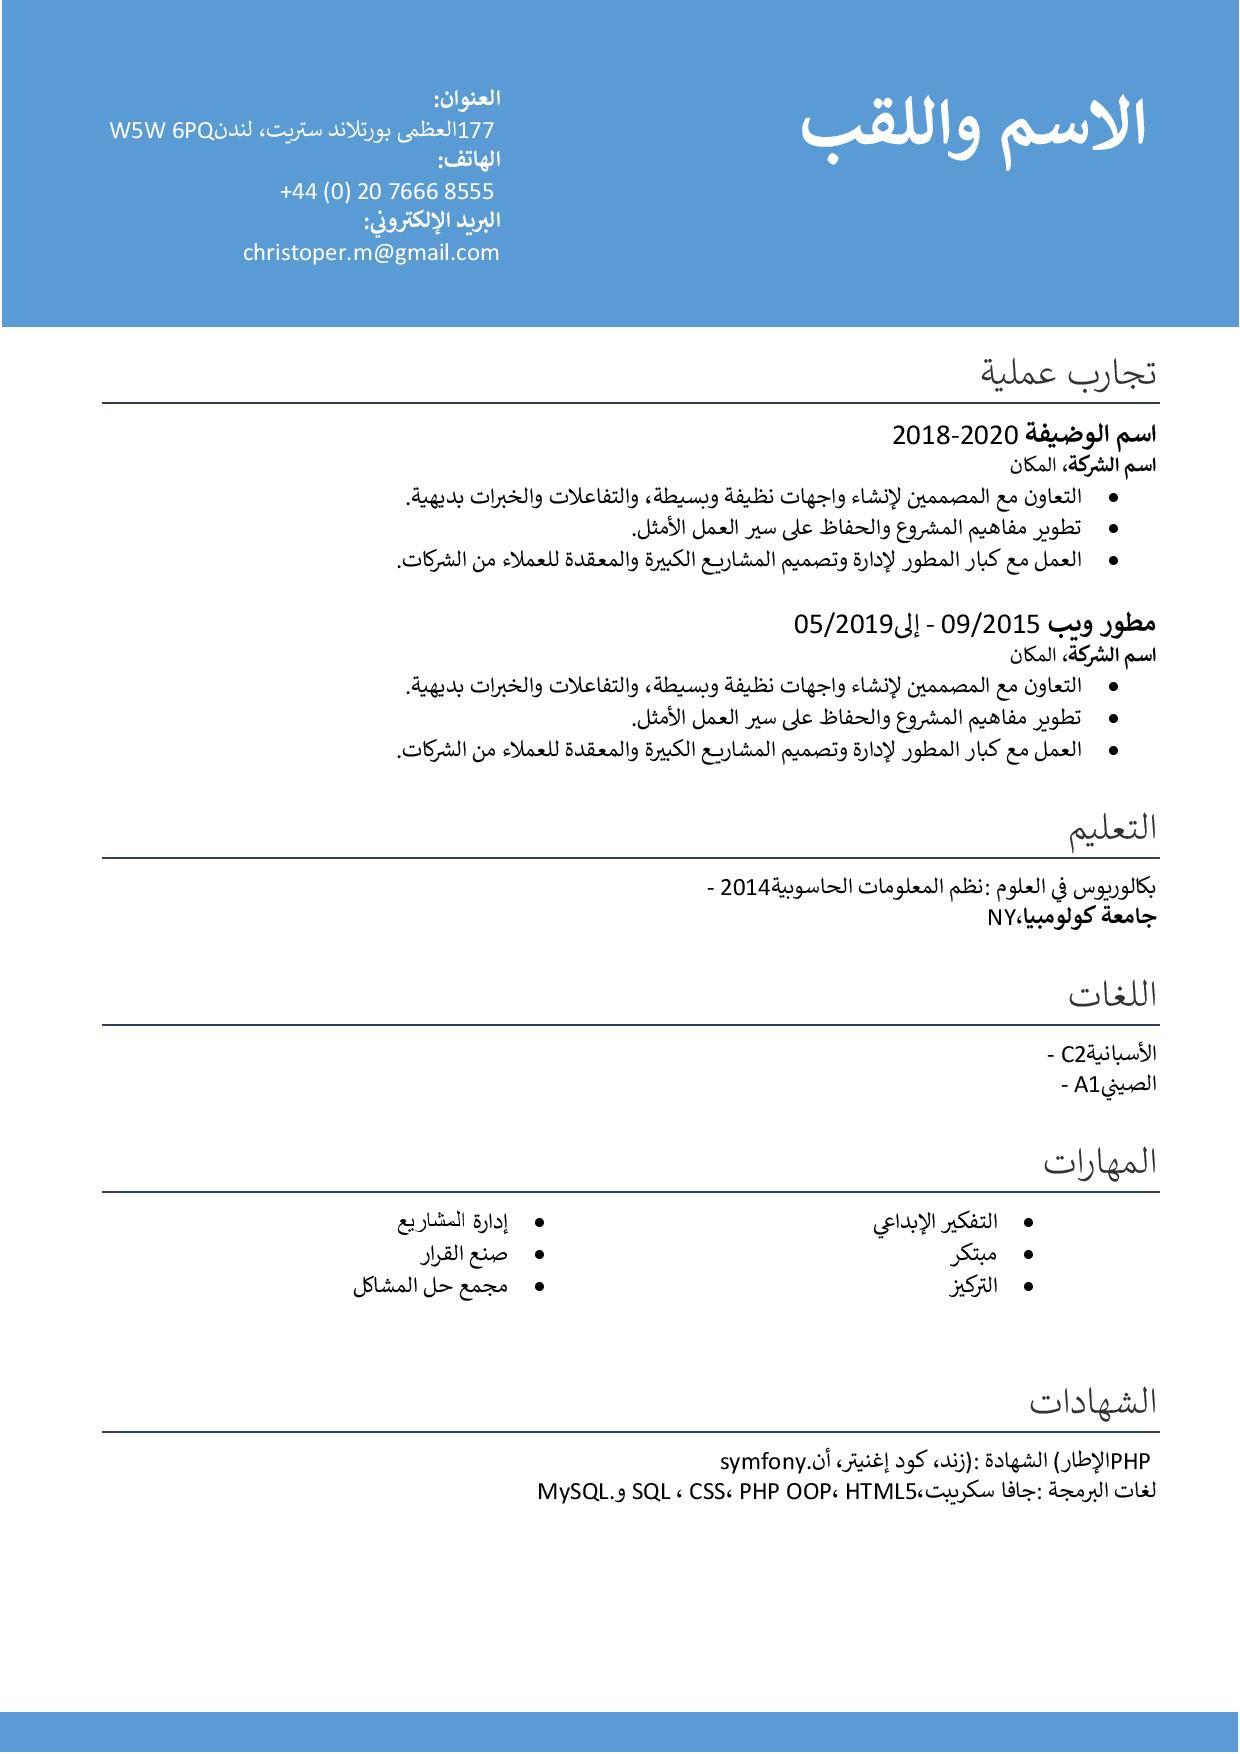 تحميل برنامج وورد اوفيس 2020 عربي